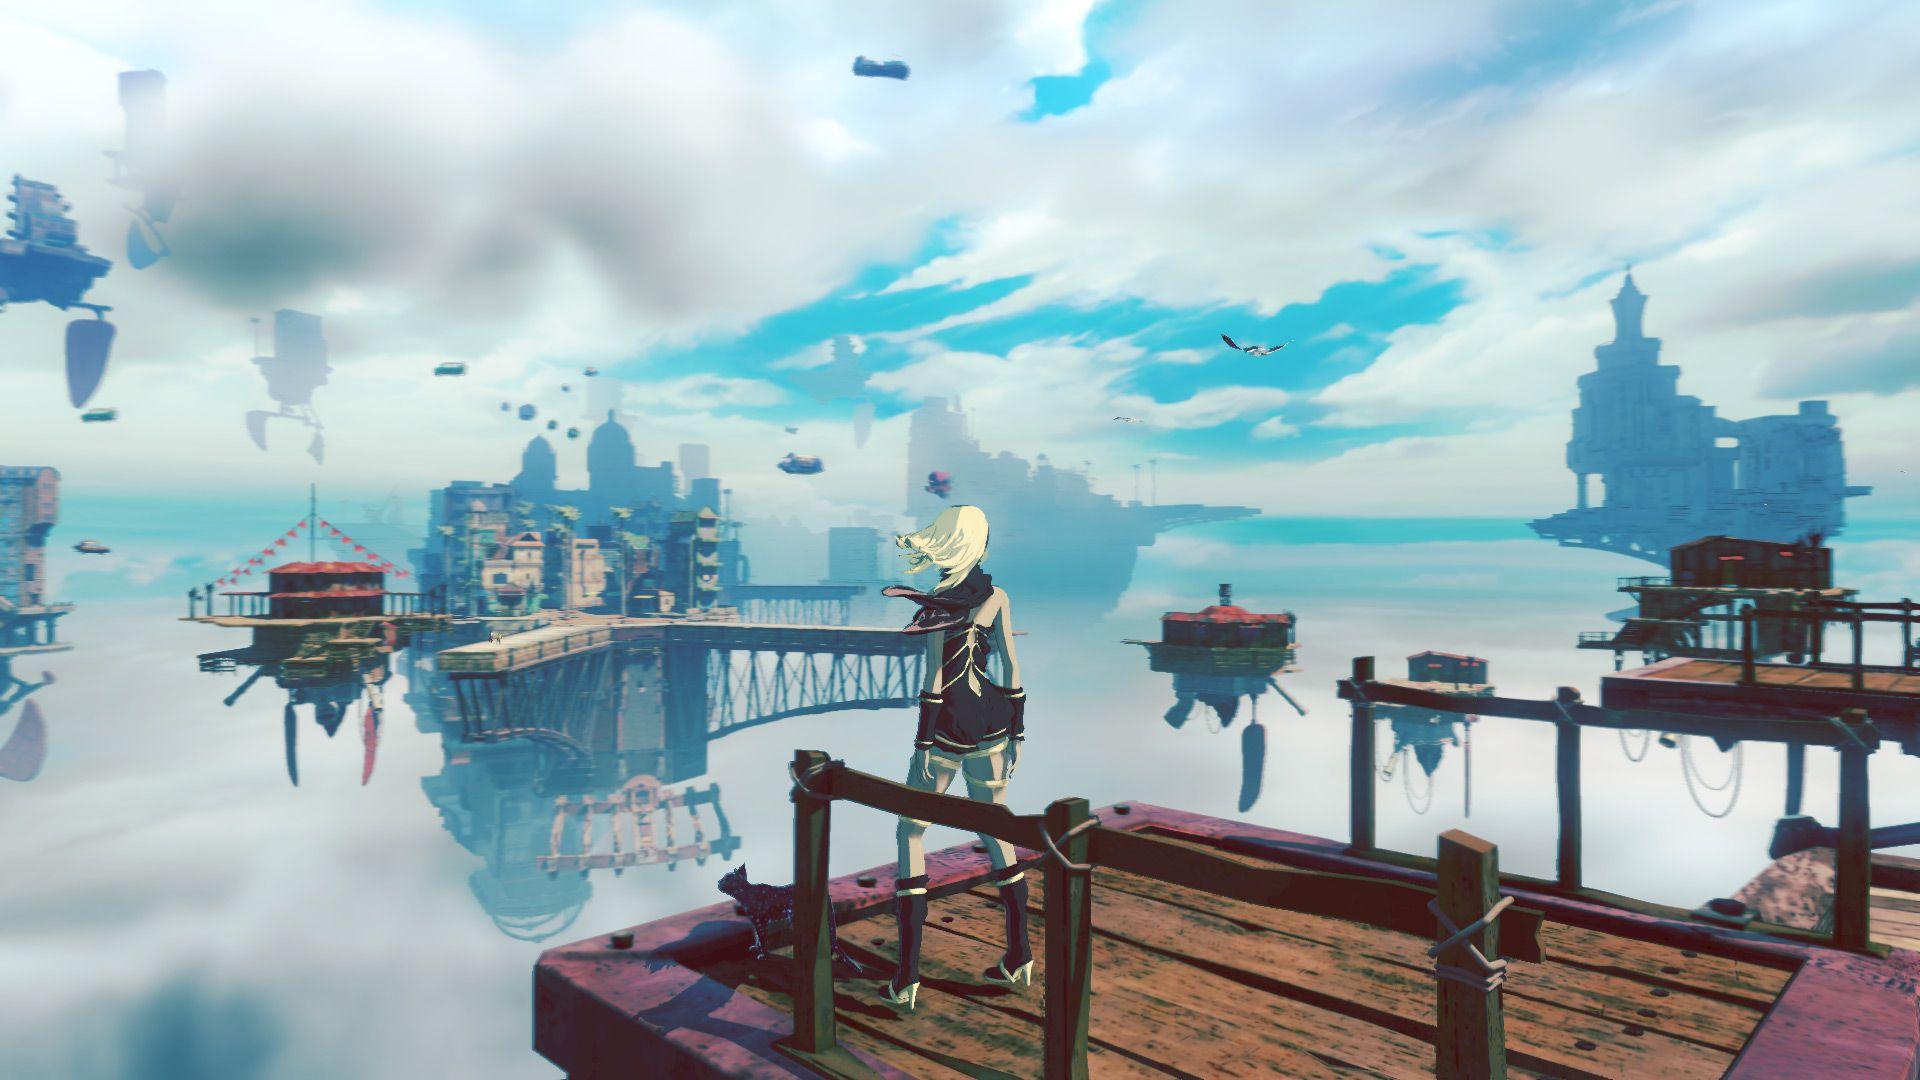 Ein Blick auf die Spielwelt und das Kampfsystem von Gravity Rush 2 - http://sumikai.com/games/ein-blick-auf-die-spielwelt-und-das-kamfsystem-von-gravity-rush-2-132881/